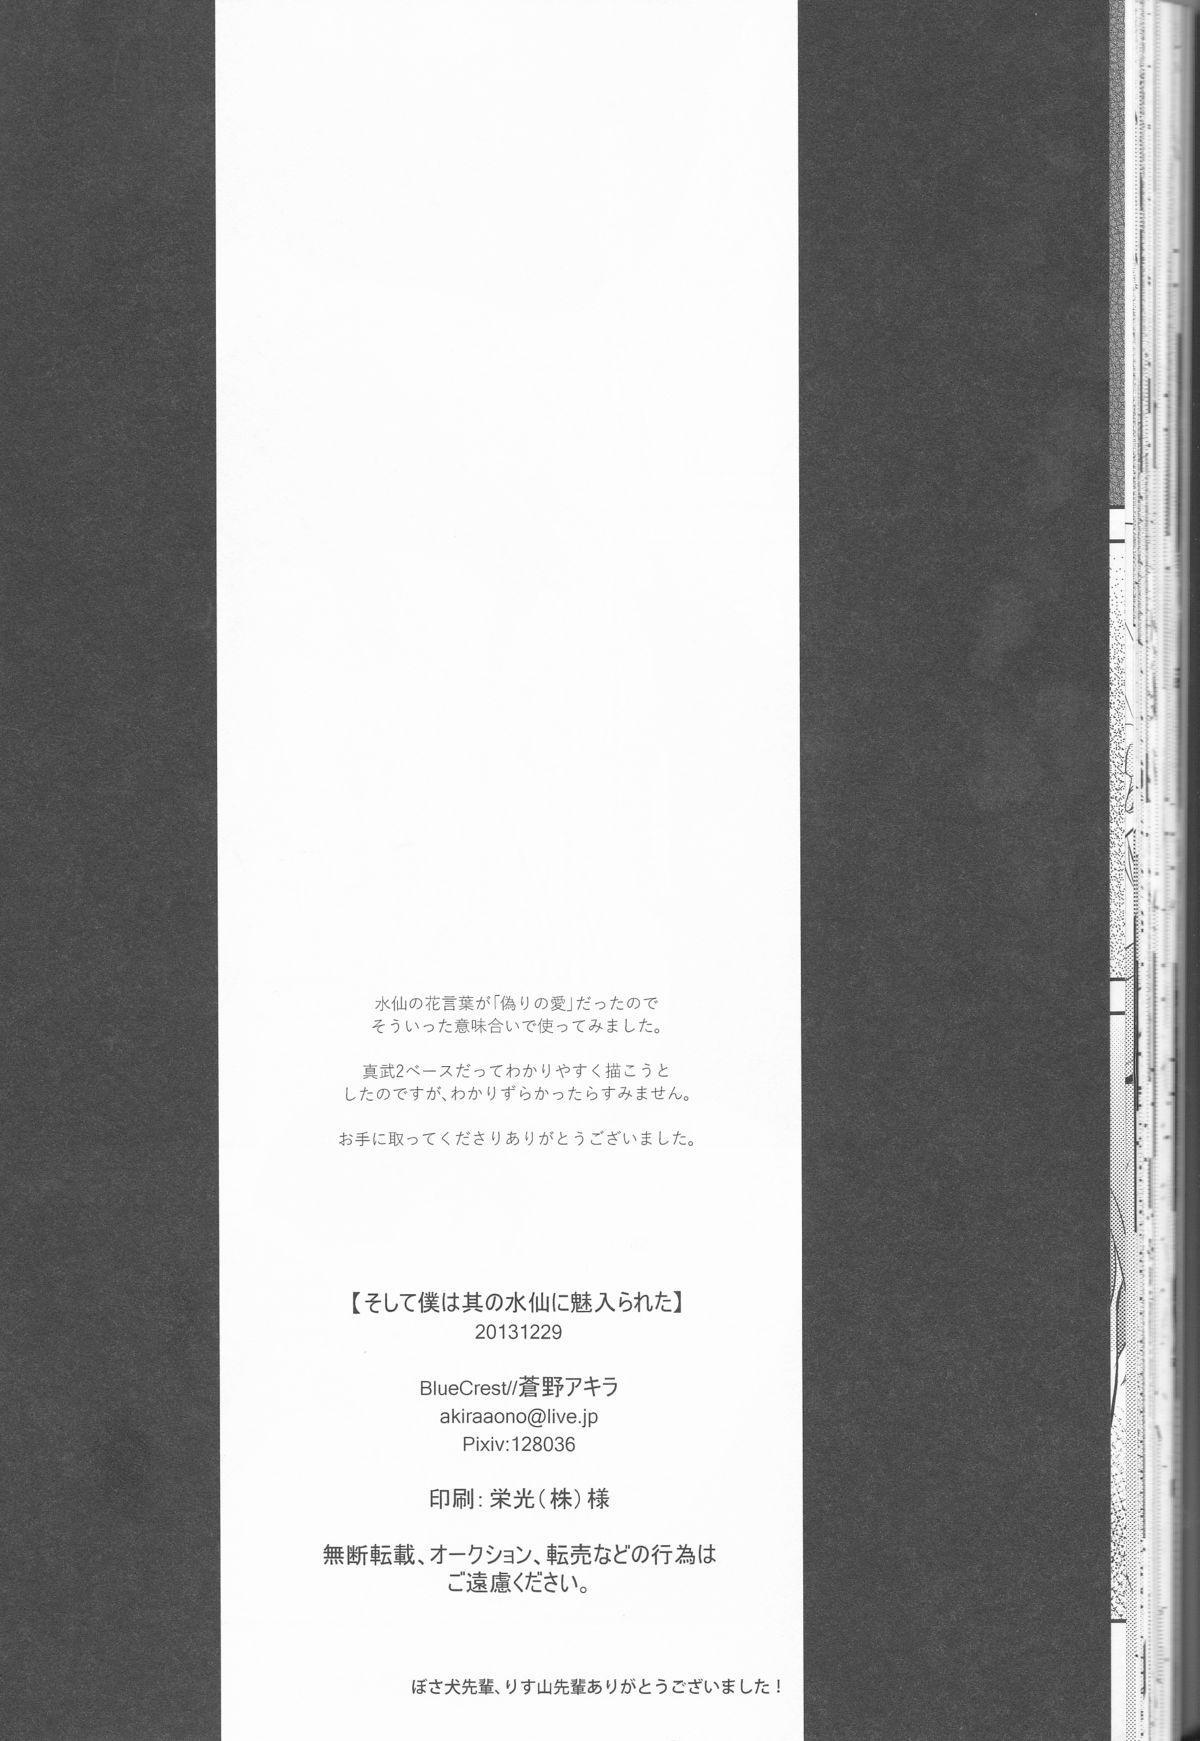 Soshite Boku wa Sono Suisen ni Miirareta. 43